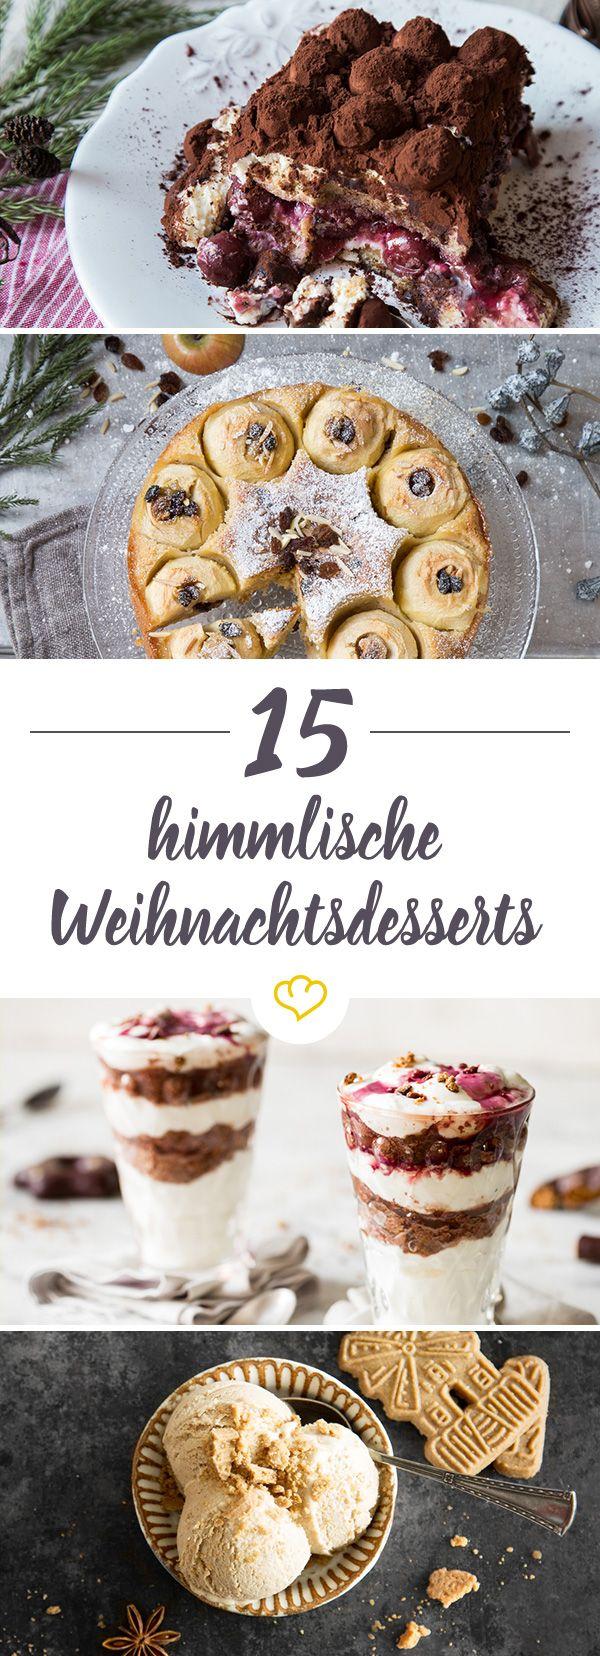 Wir haben 15 himmliche Desserts für dich zusammengestellt, die nach Weihnachten schmecken und keine süßen Wünsche offen lassen.